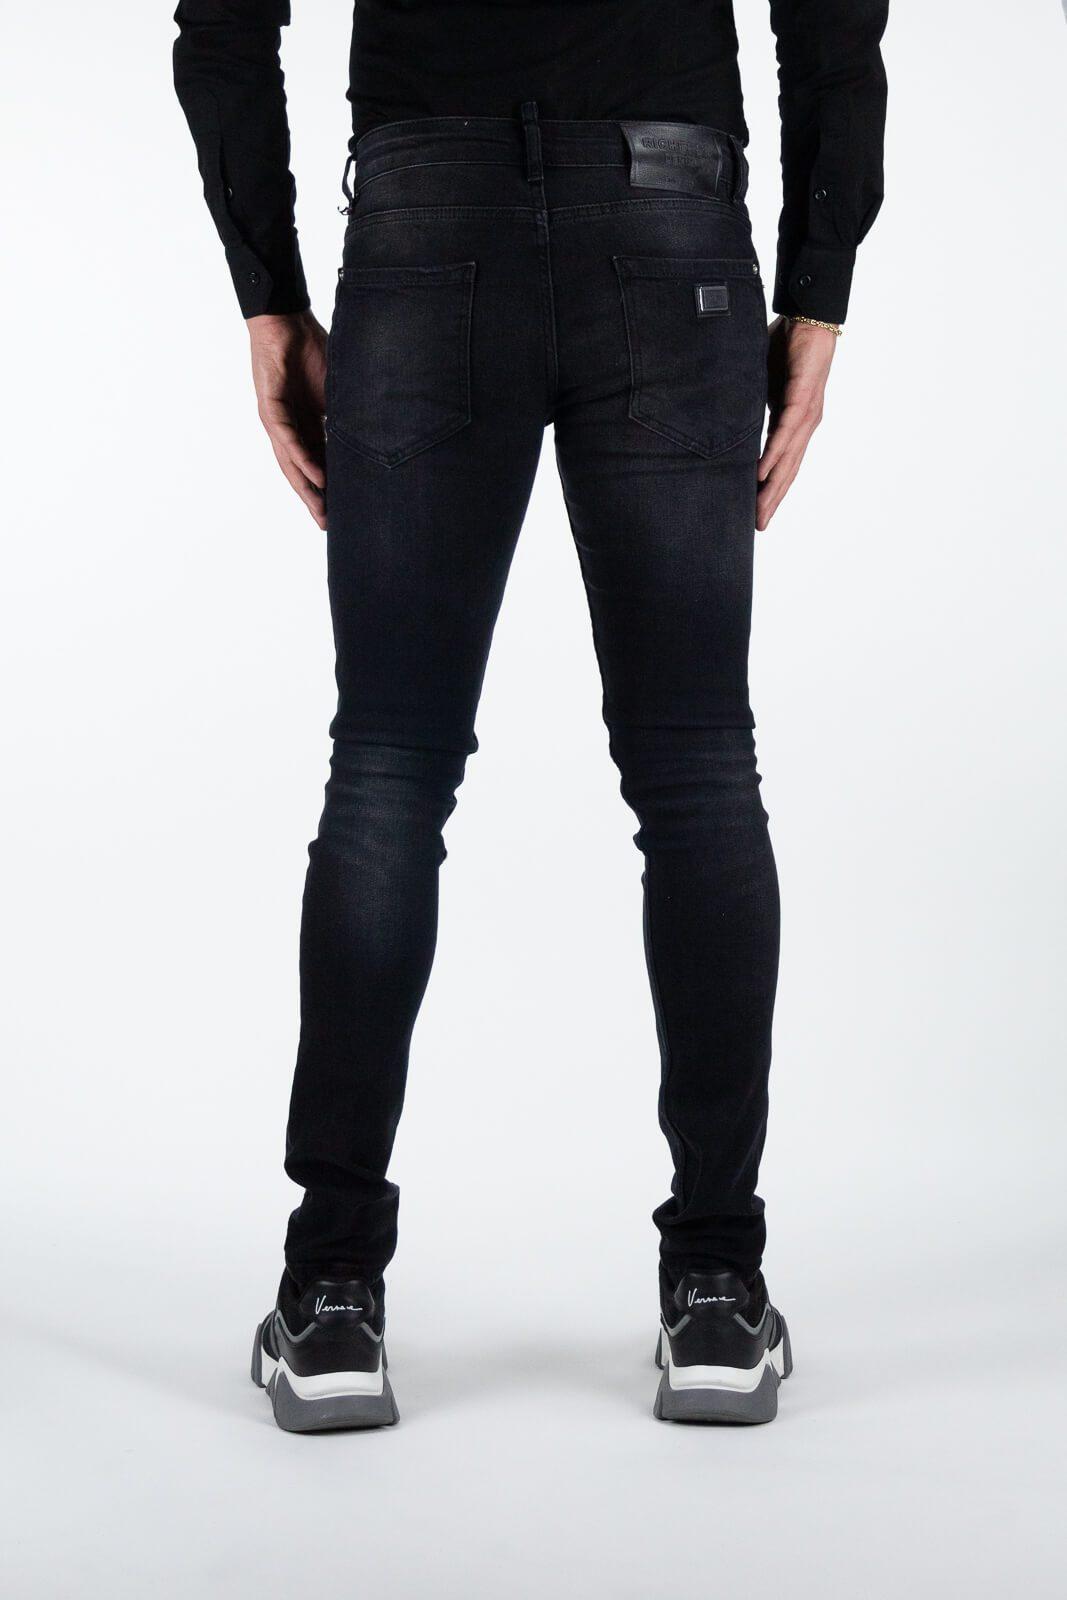 Lima-Noir-Jeans-4